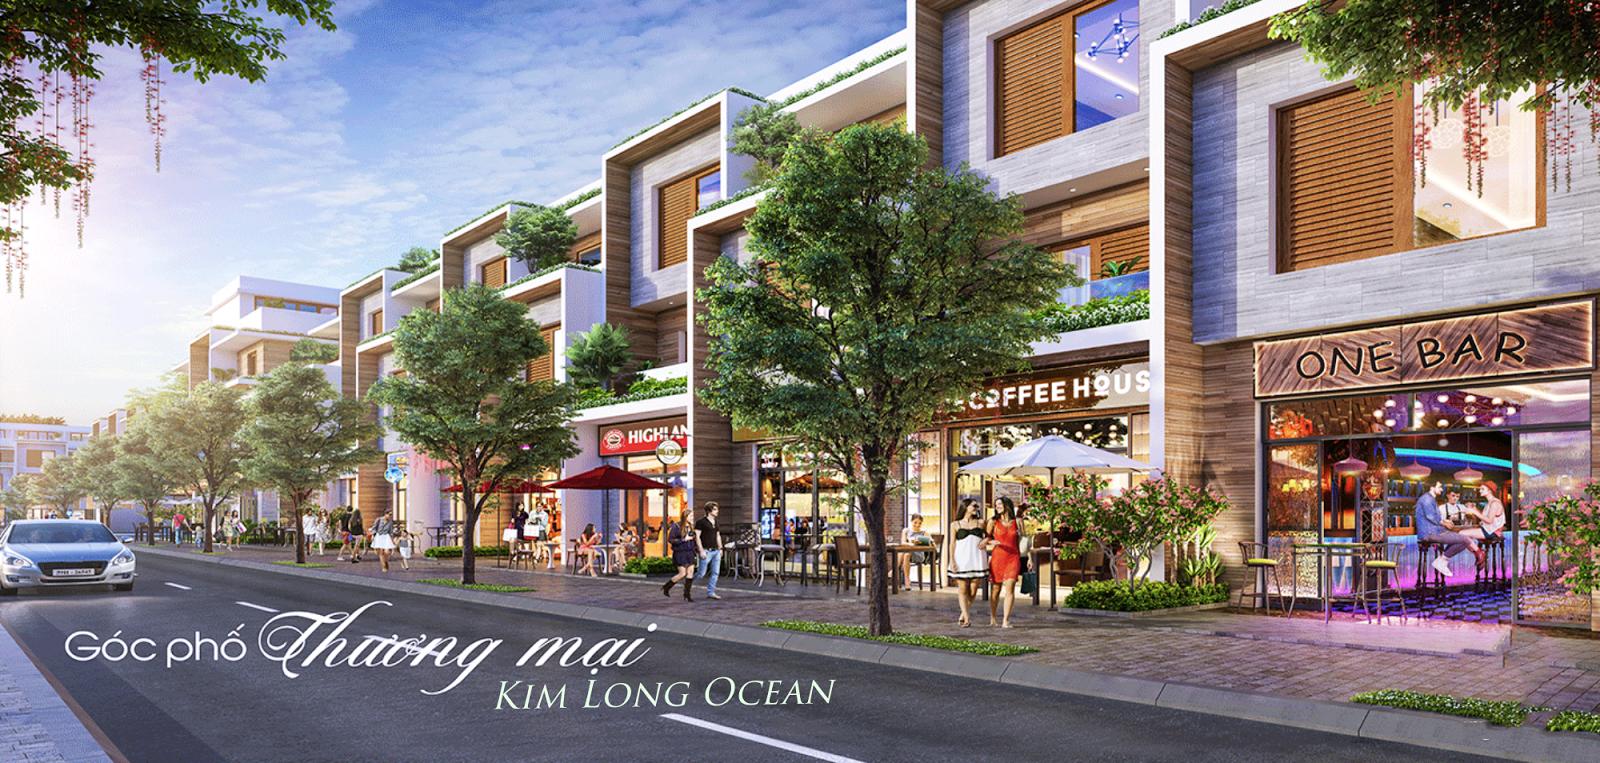 Góc phố thương mại Kim Long Ocean